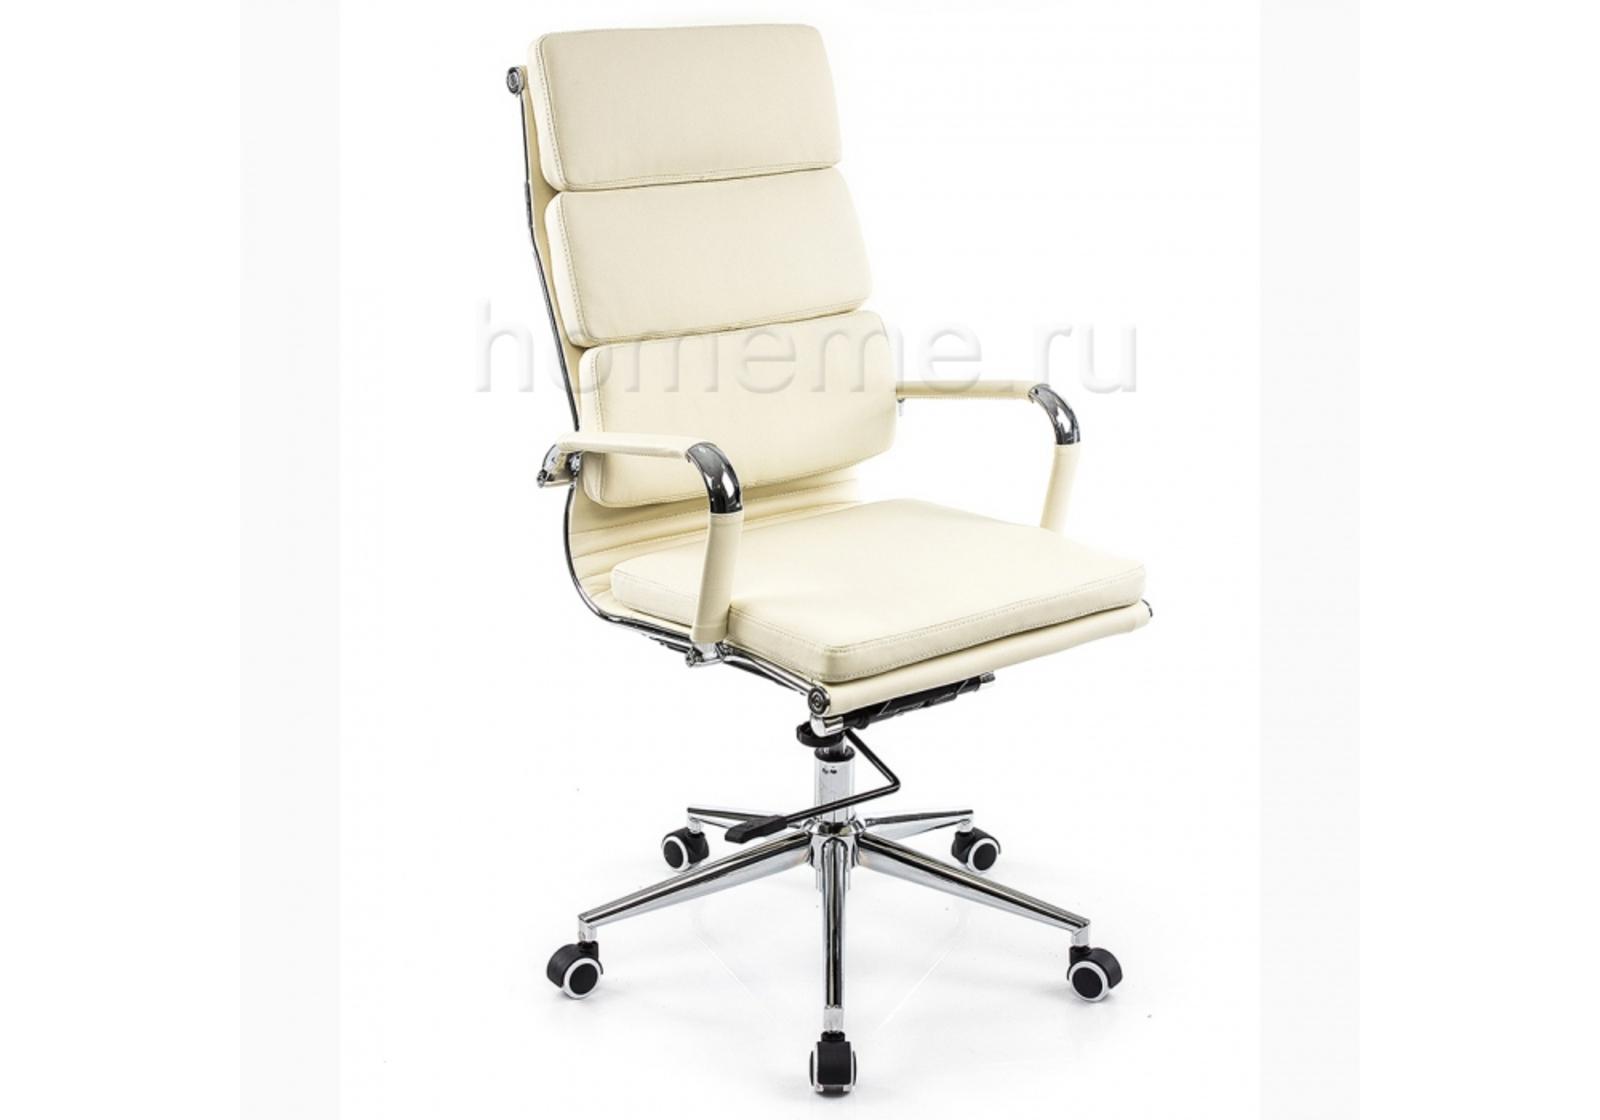 Кресло для офиса HomeMe Samora кремовое 1717 от Homeme.ru